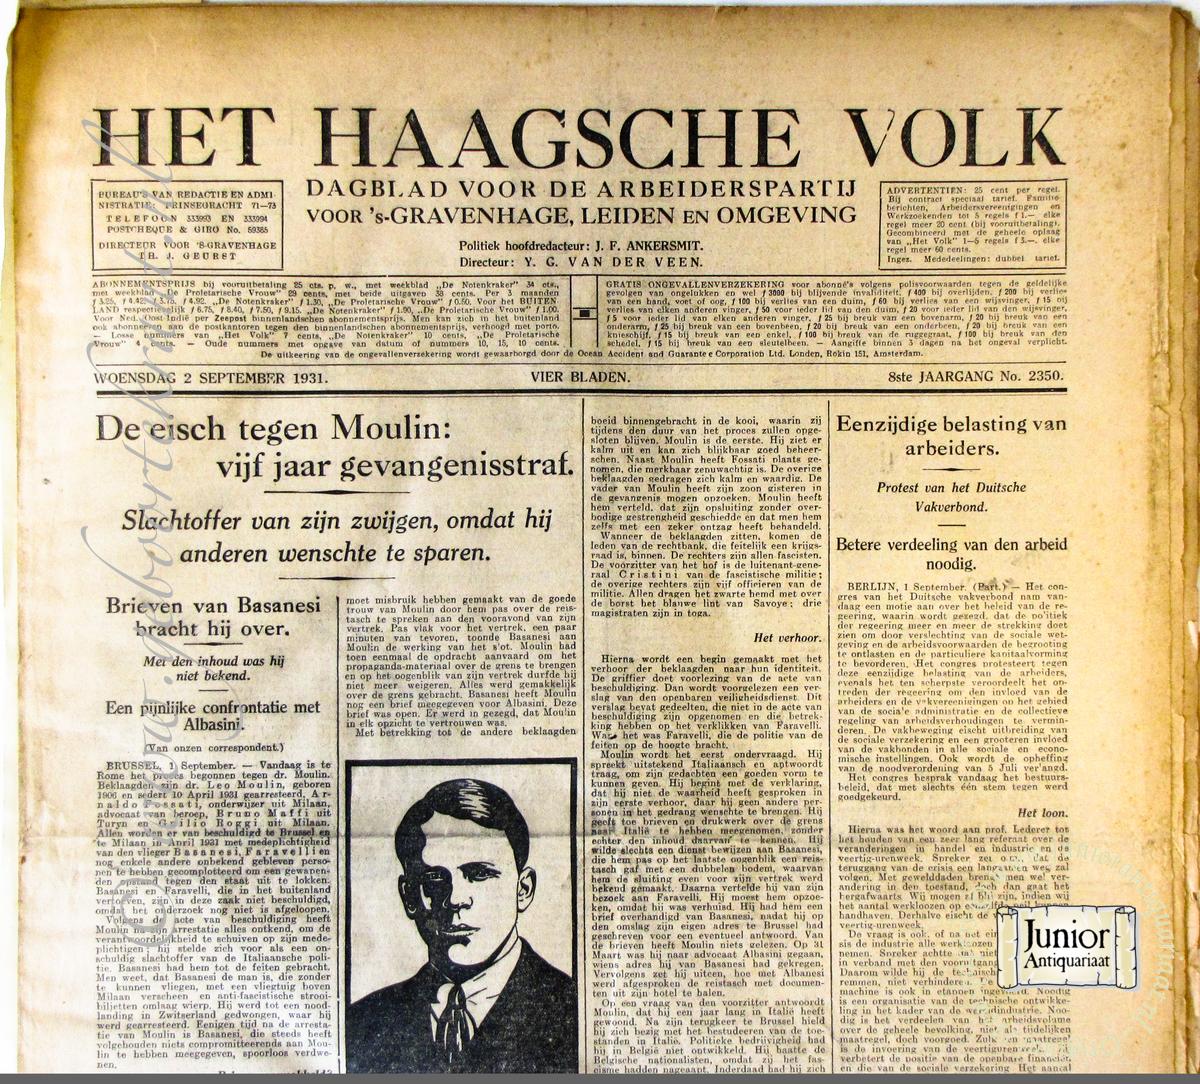 Krant geboortedag Het Haagsche Volk (05-05-1926), een mooi cadeau voor jubileum of verjaardag